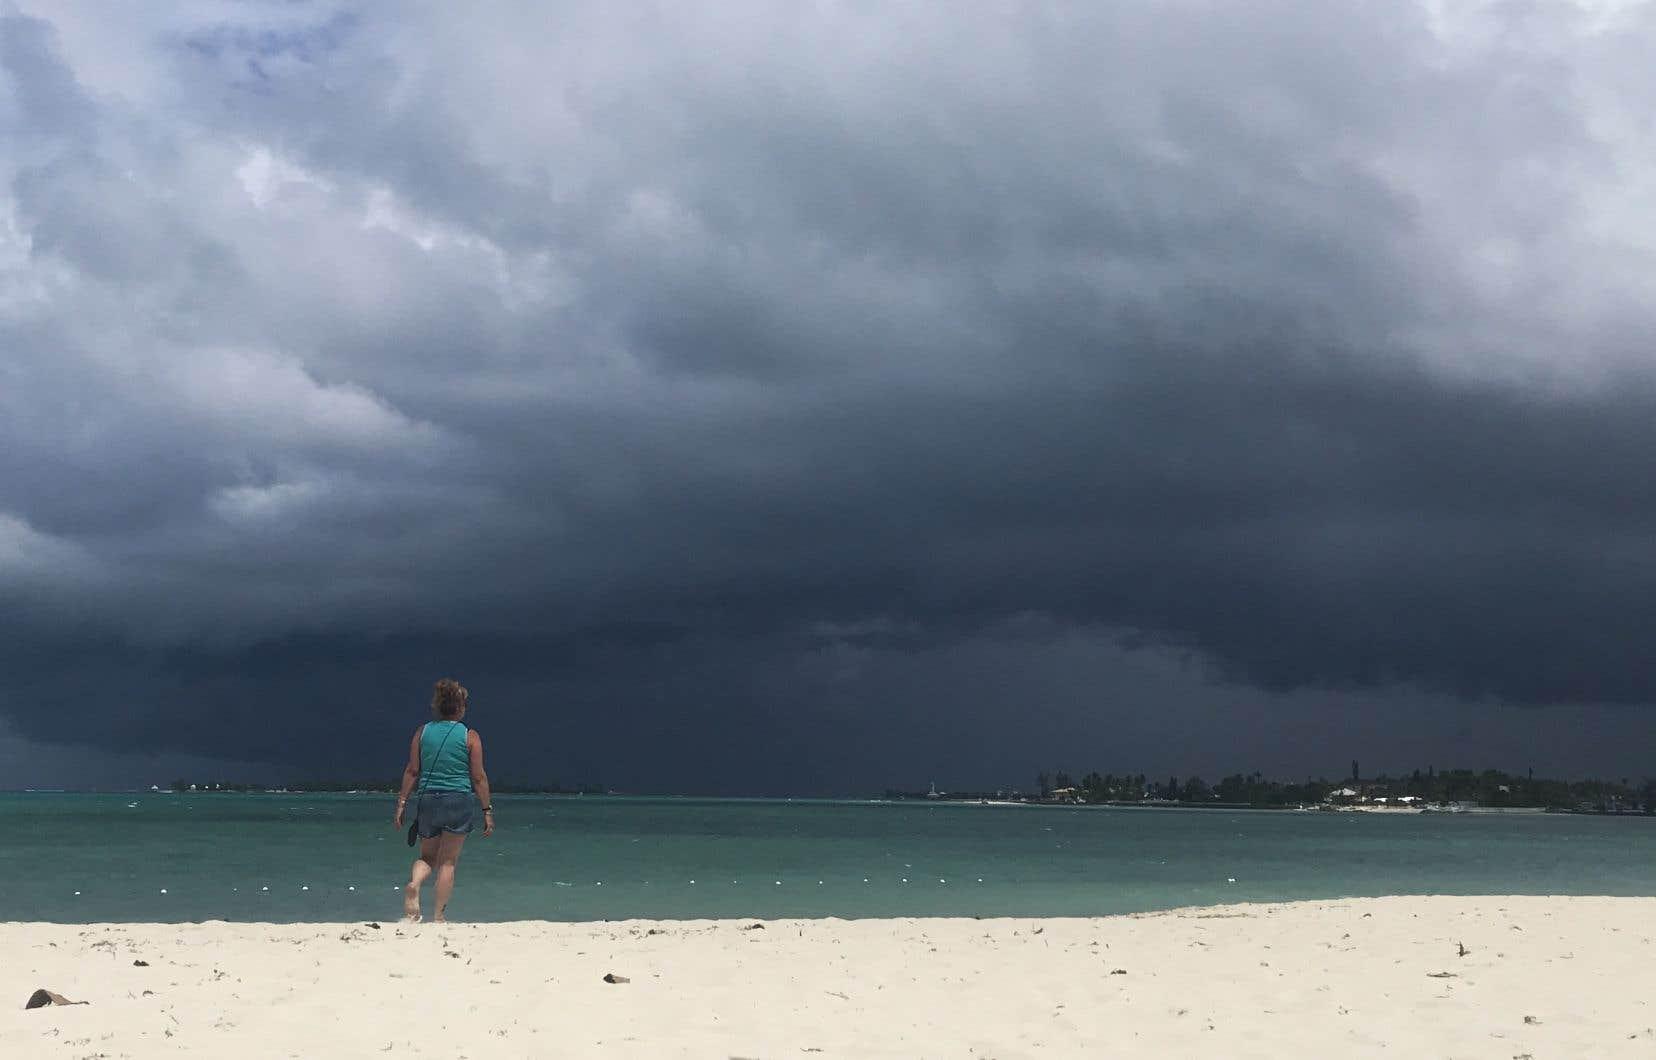 Avec des vents soufflant à 85km/h et des précipitations attendues de 15 centimètres au maximum, la tempête Humberto semble moins dangereuse que Dorian. Mais elle pourrait mettre à terre les bâtiments déjà fragilisés et perturber la distribution de l'aide.